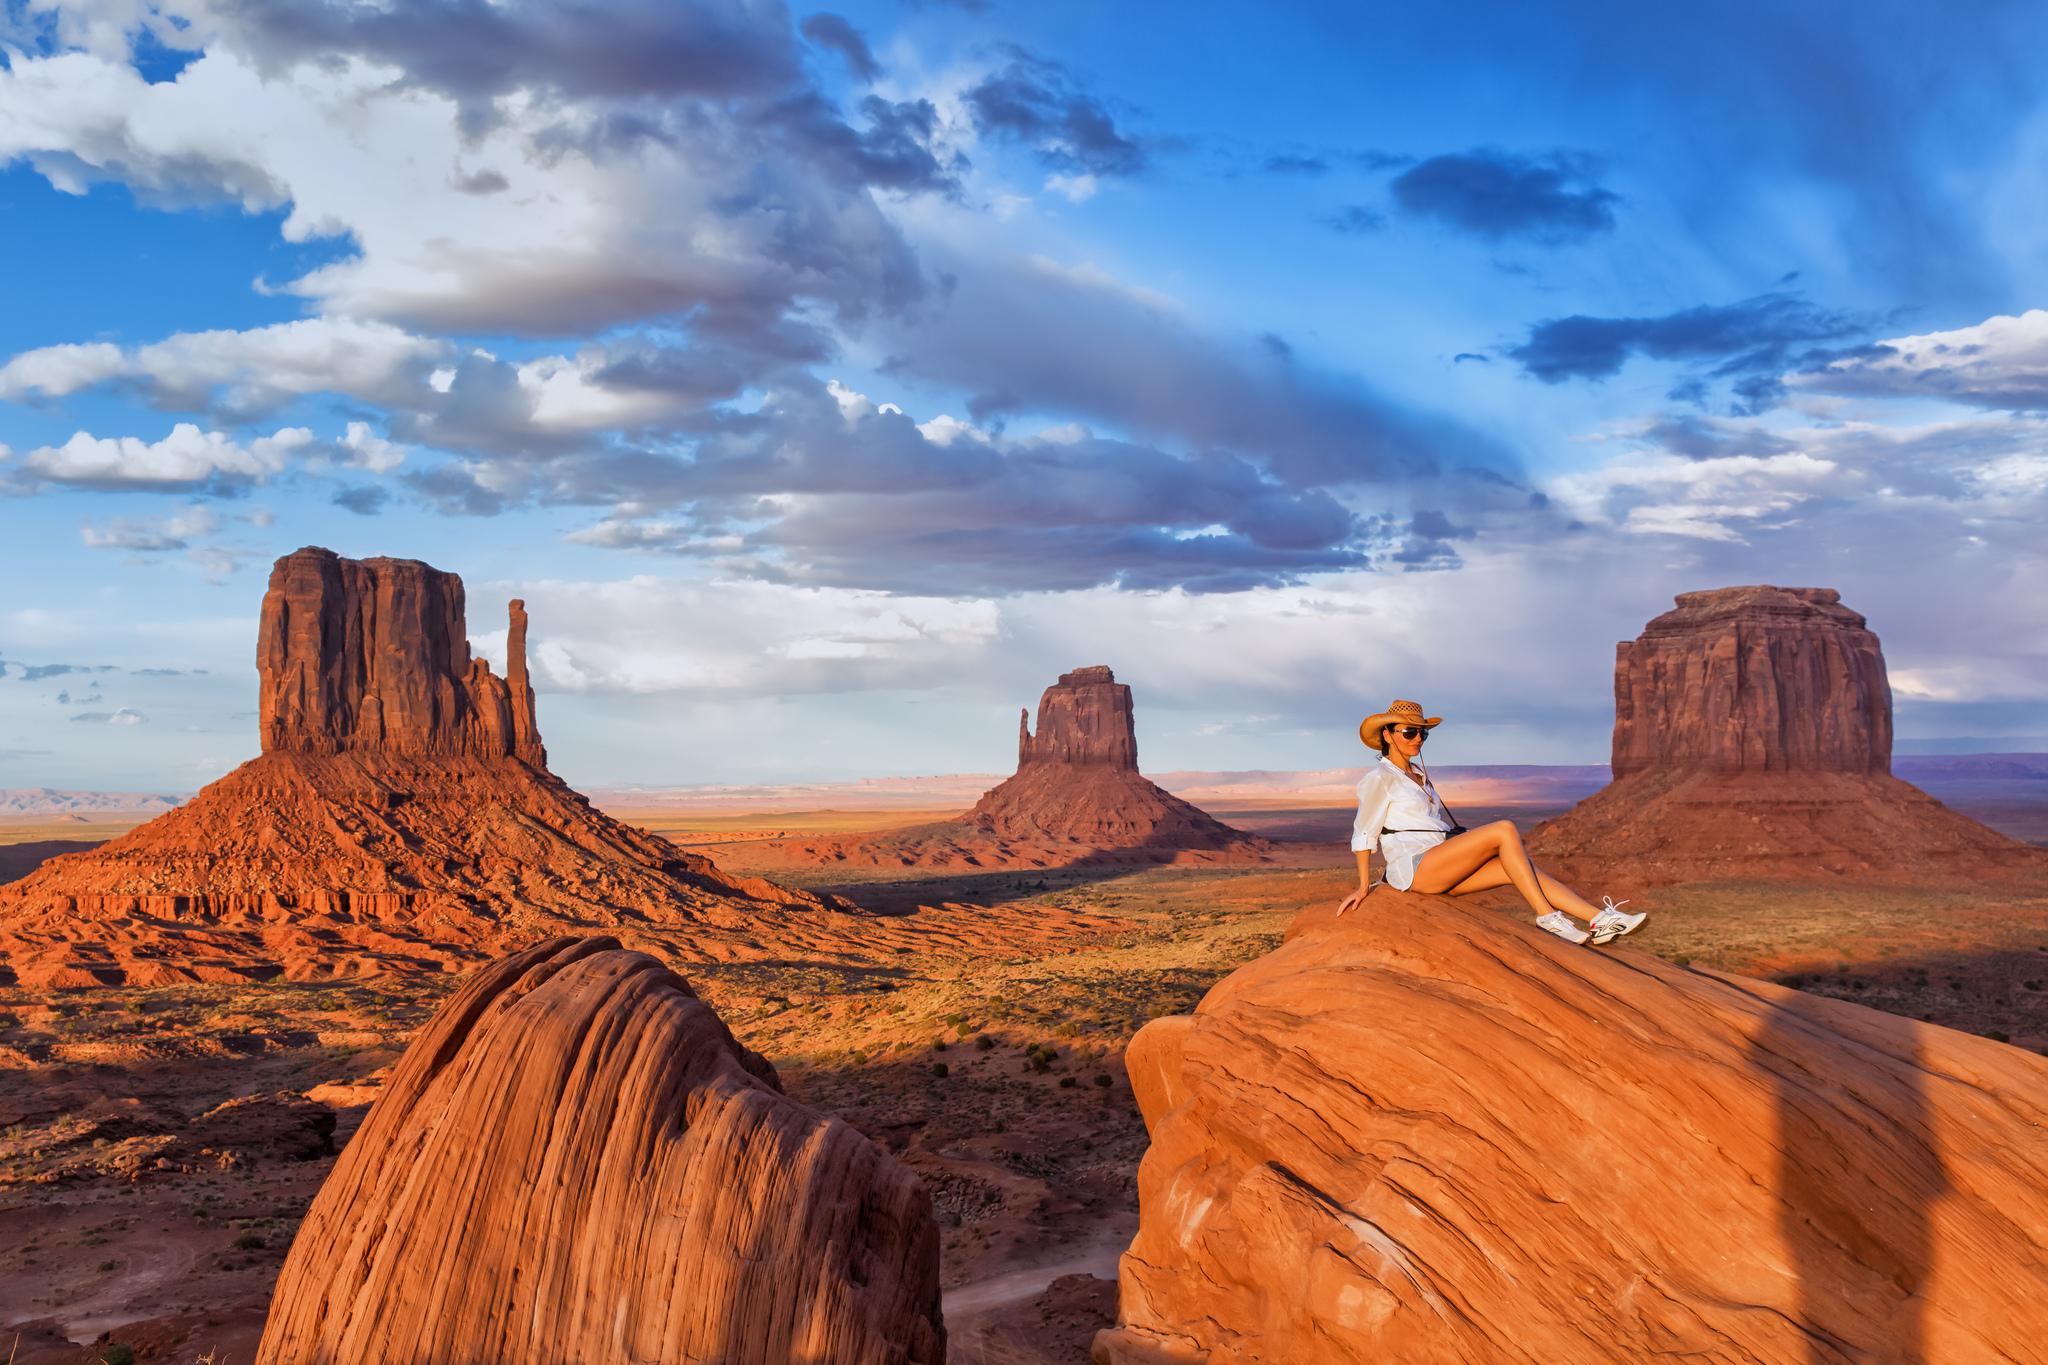 Una chica en un valle de rocas - 2048x1365